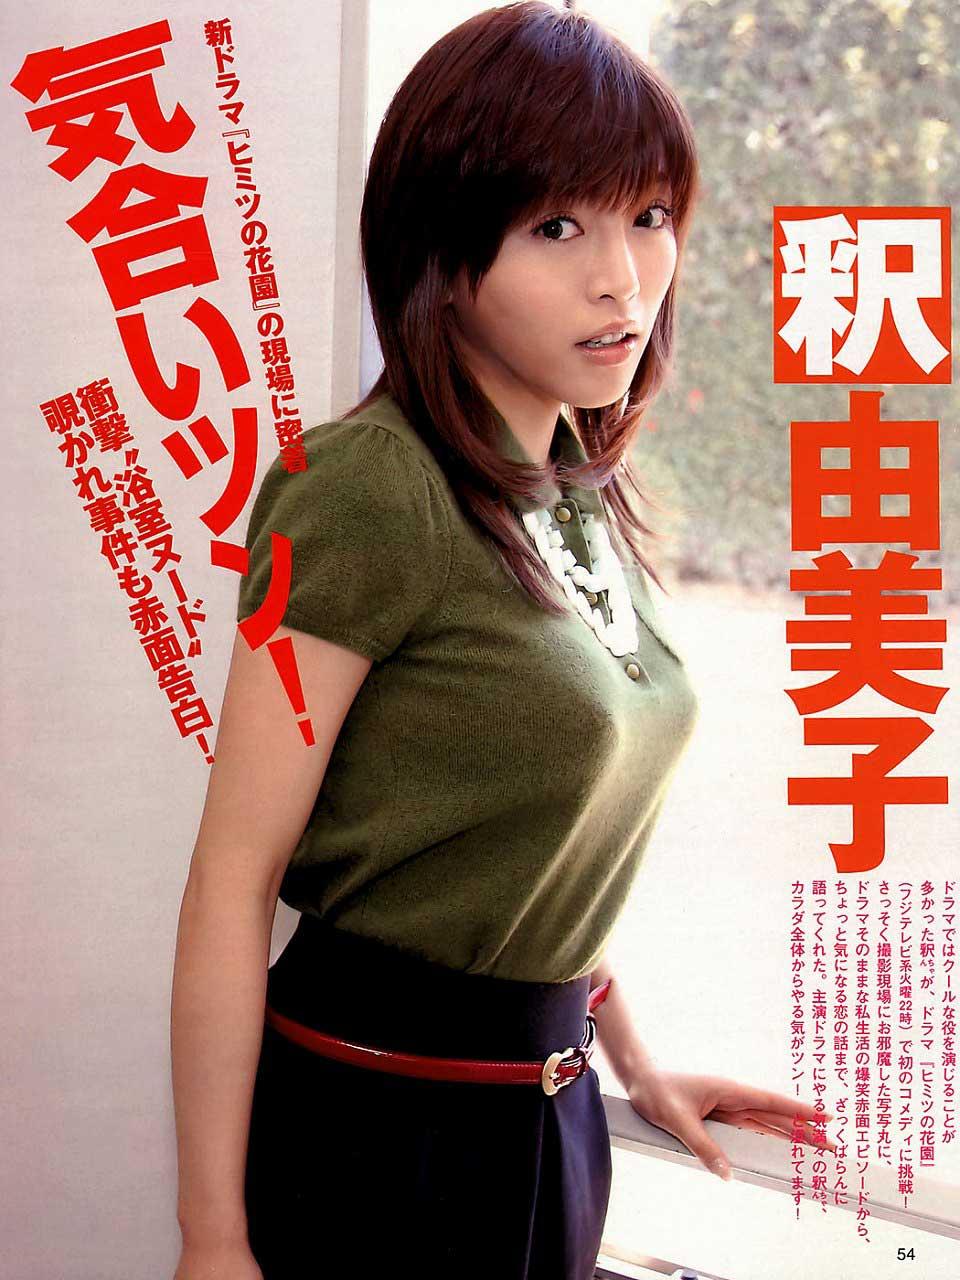 釈由美子 セクシー 着エロ 不自然ロケットおっぱい補正 カメラ目線 高画質 エロかわいい画像